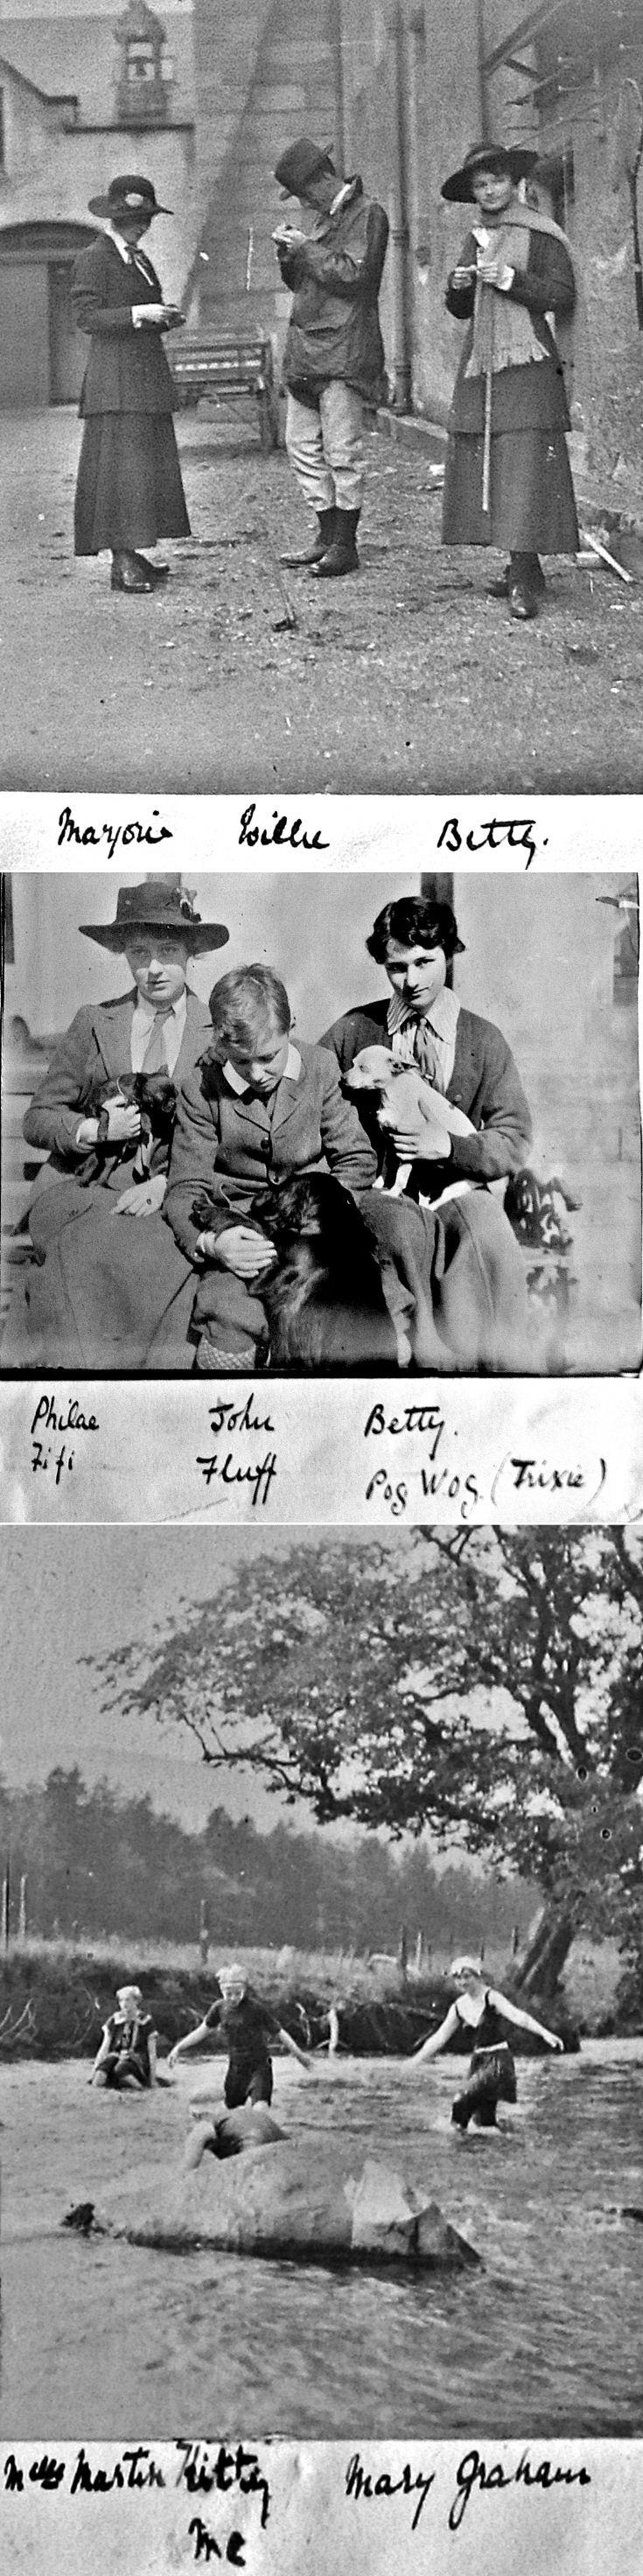 12 Bettine 1916